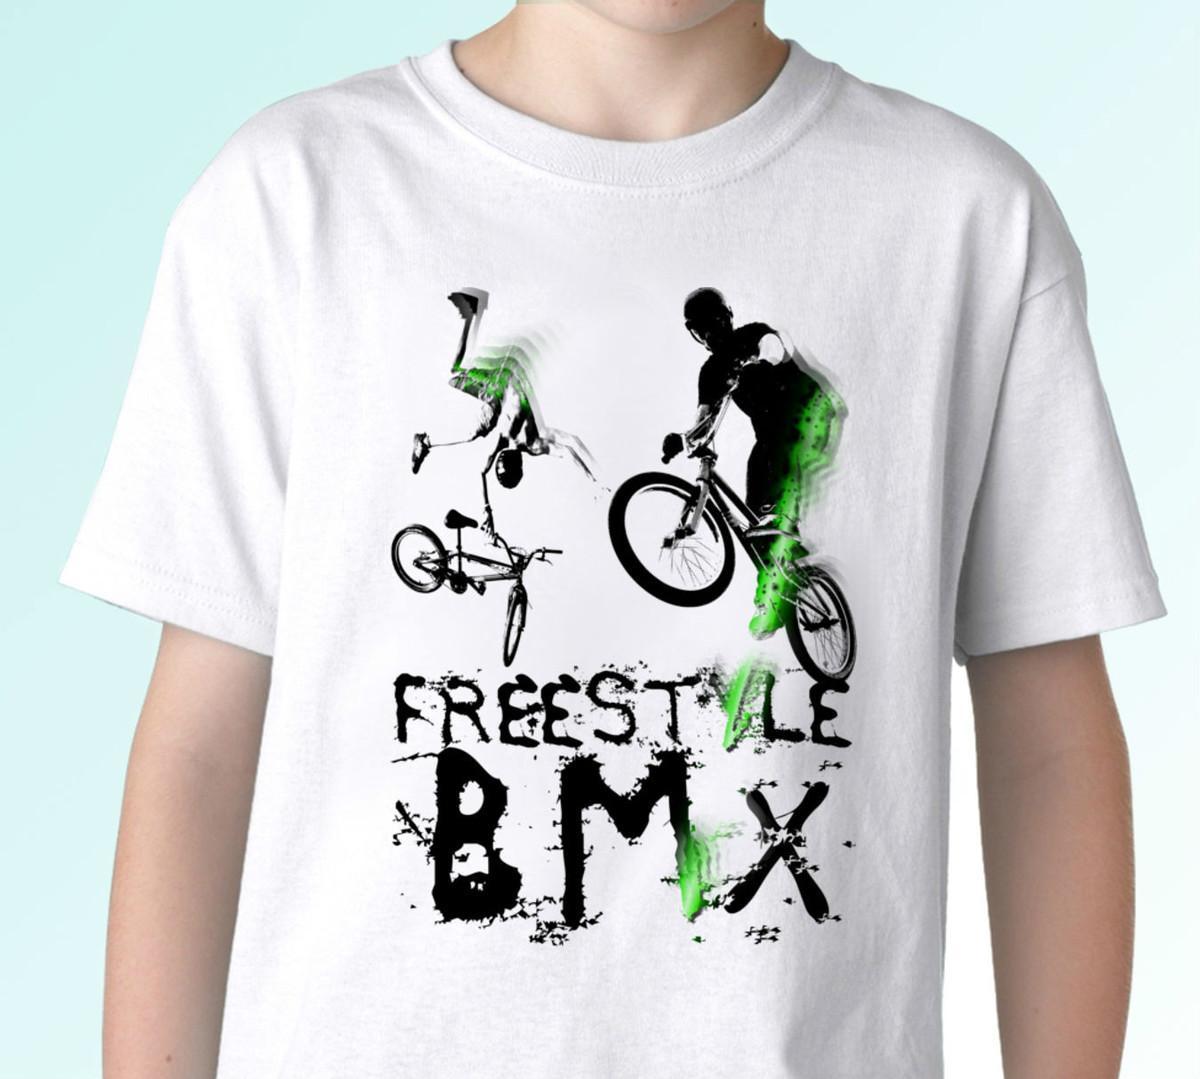 7b582be07 Compre Freestyle BMX Diseño De Camiseta Blanca Niños Para Mujer Para Bebé  Tamaños De Bebé 100% Algodón Estampado Para Hombre De Verano O Neck A   12.05 Del ...